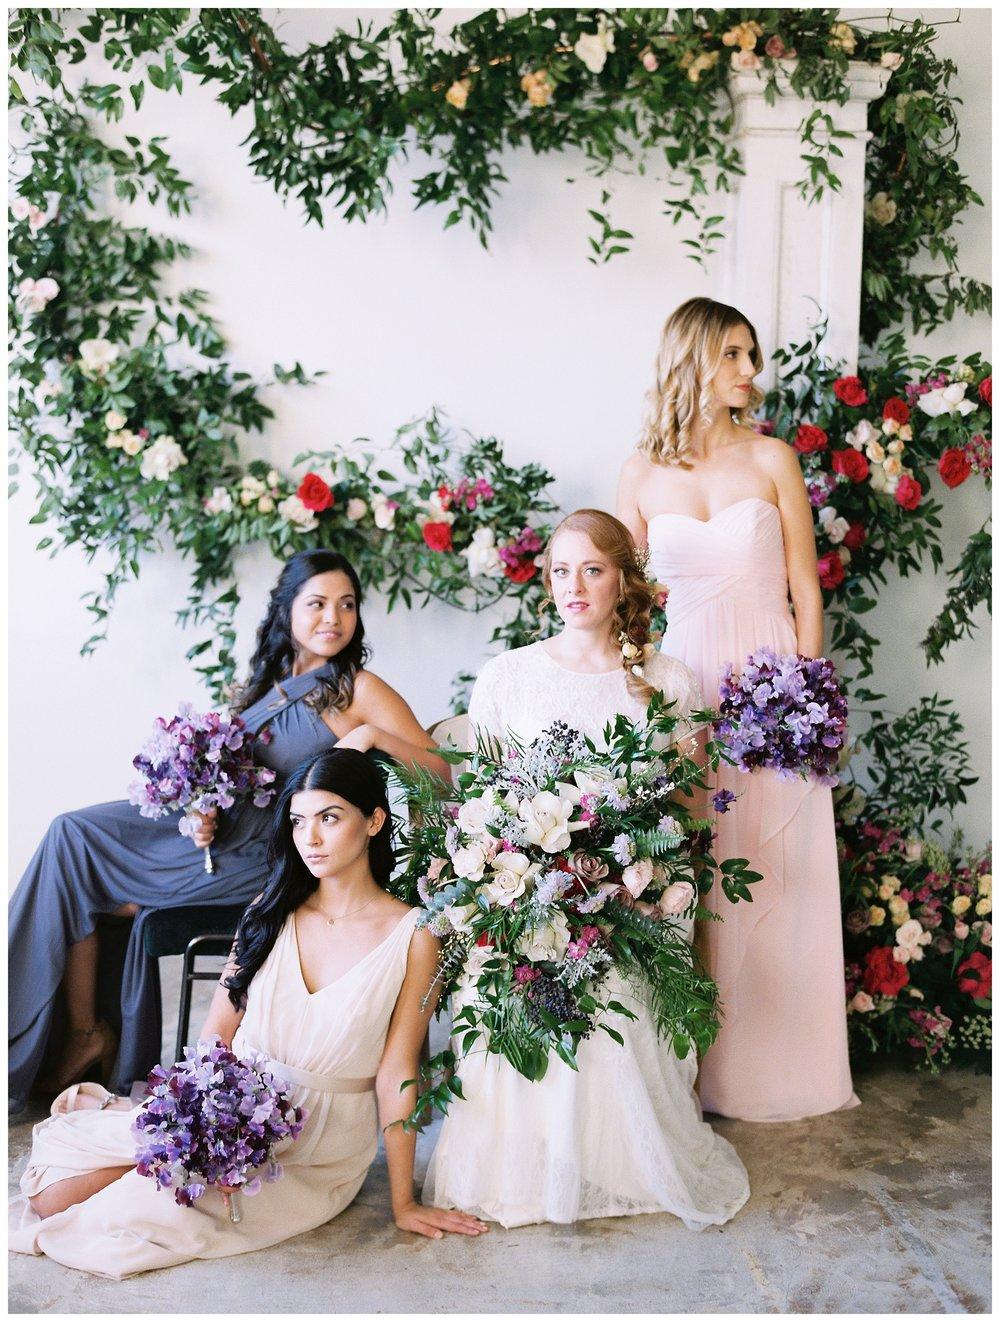 2020_Wedding_Trends_Pantone_0005.jpg